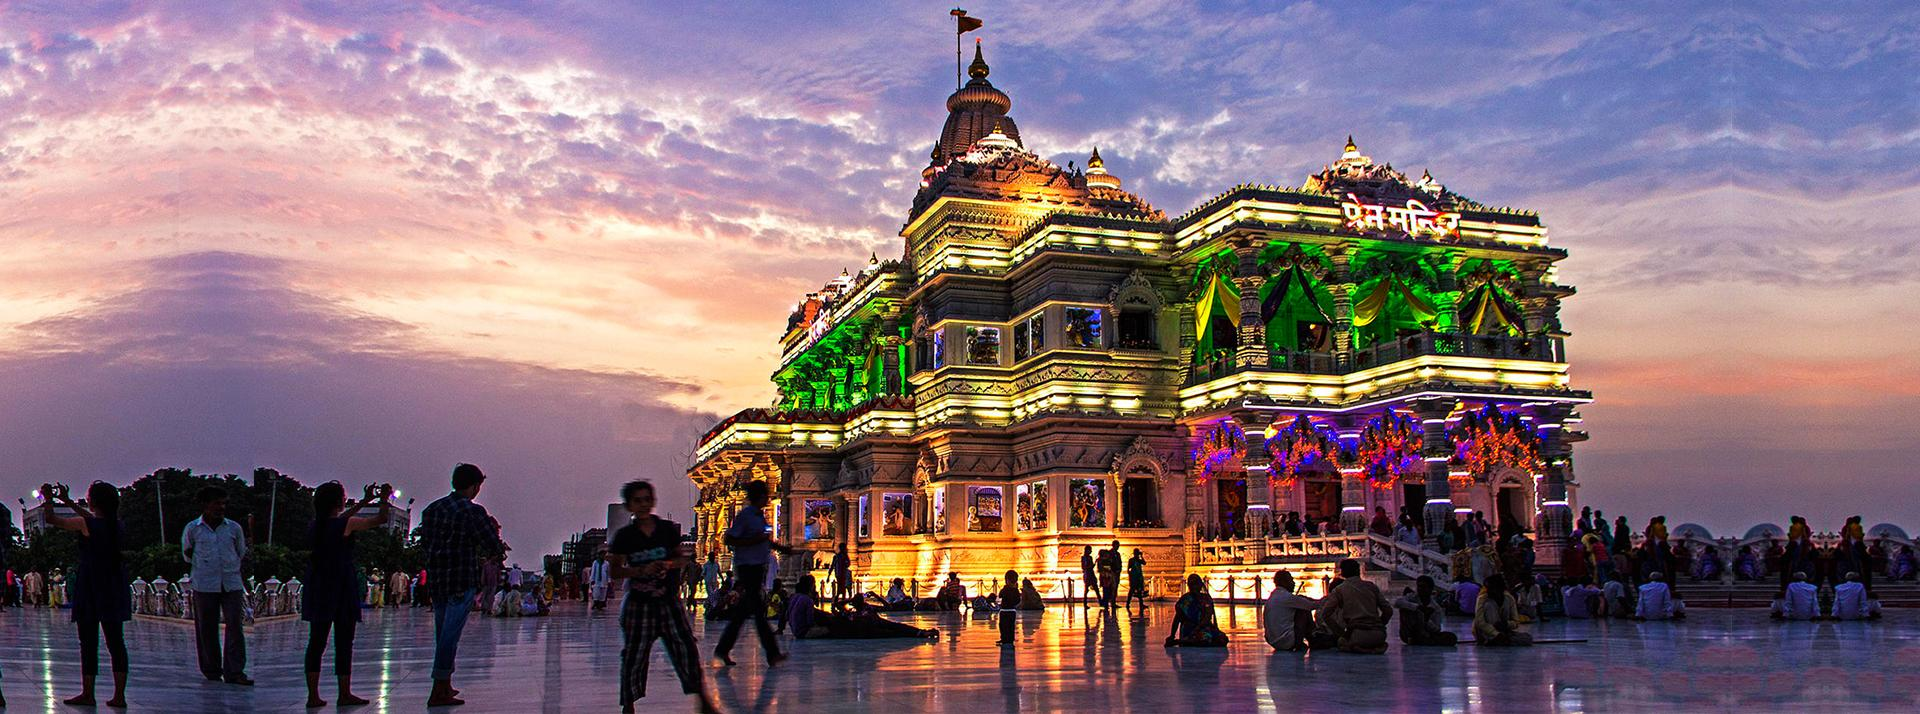 Image result for varindavan,nari